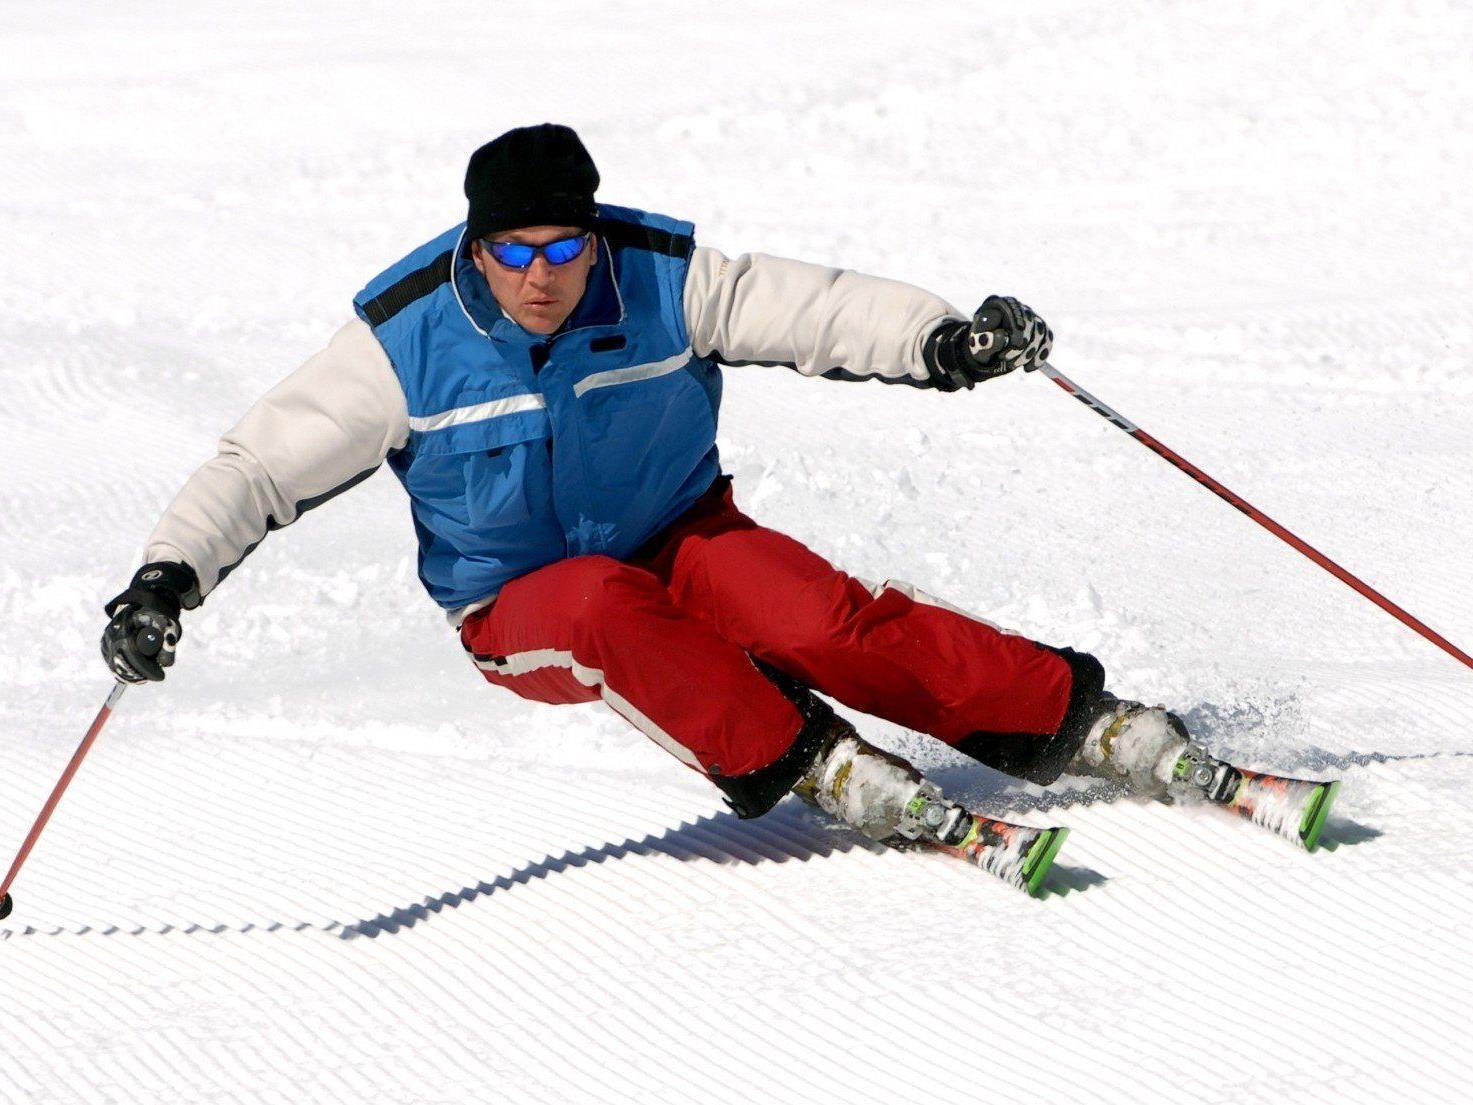 Bei einem Skiunfall am Annaberg wurden ein Niederösterreicher und ein Wiener verletzt.